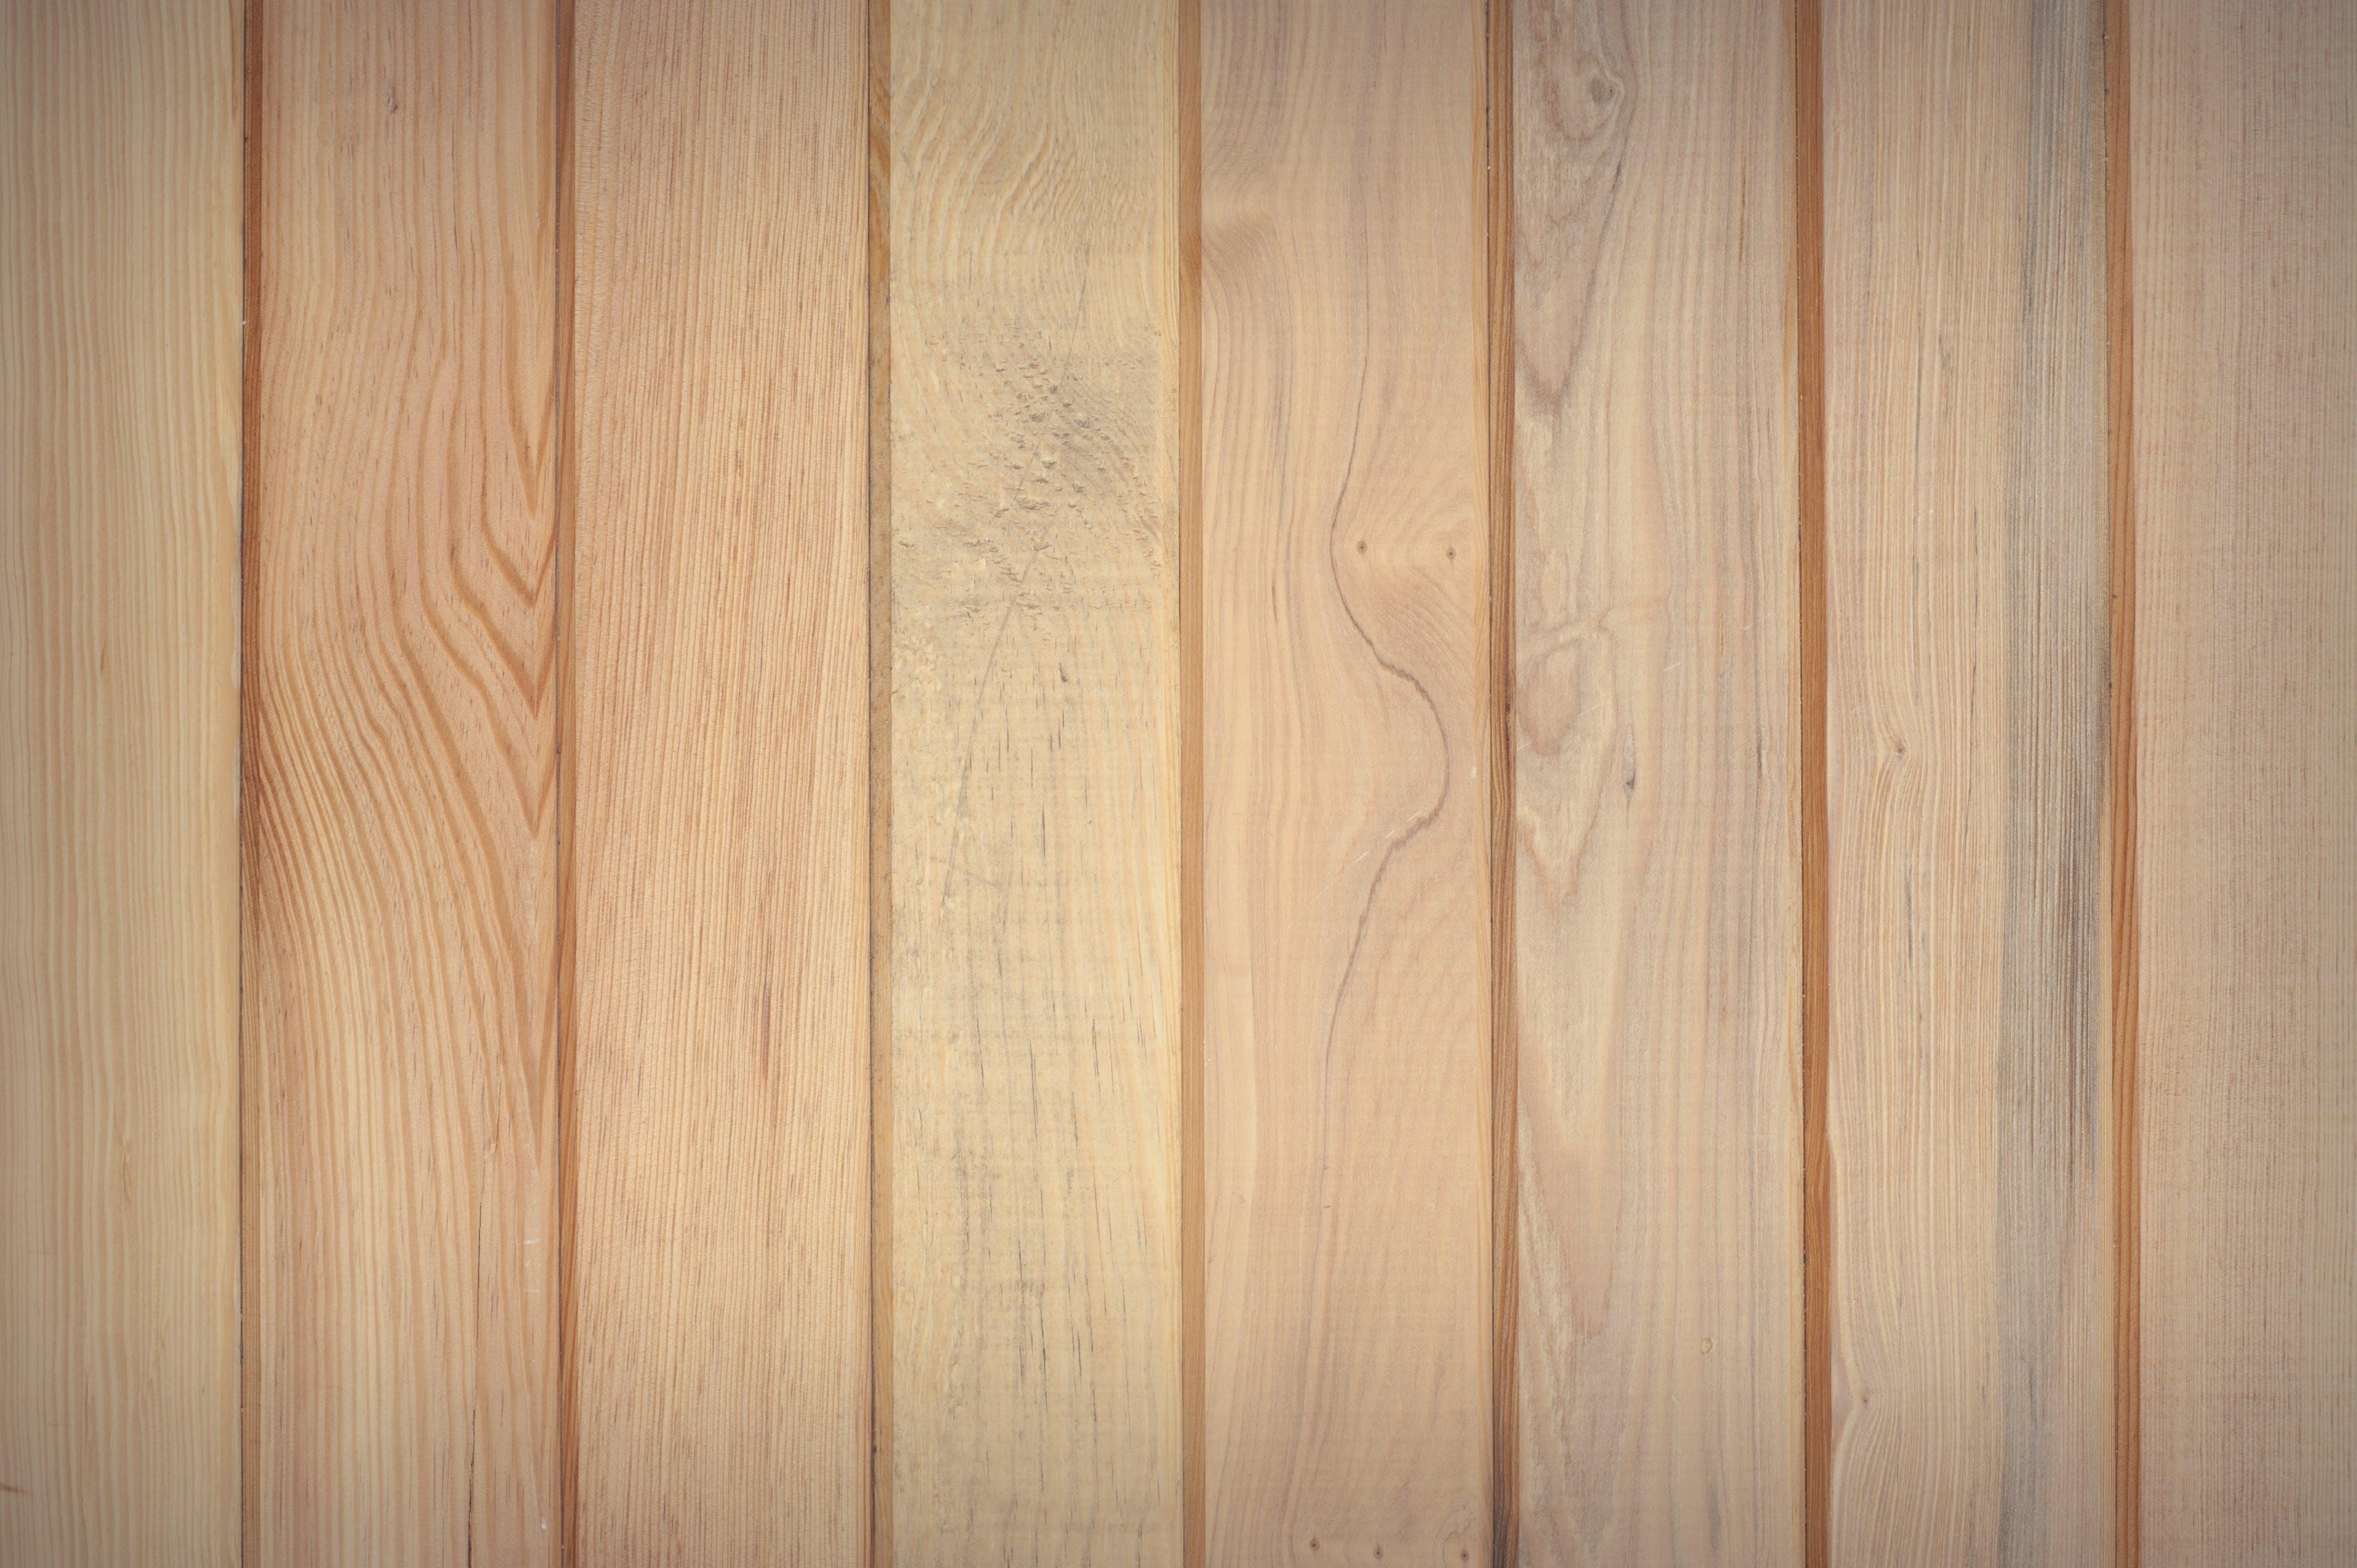 board, brown, design